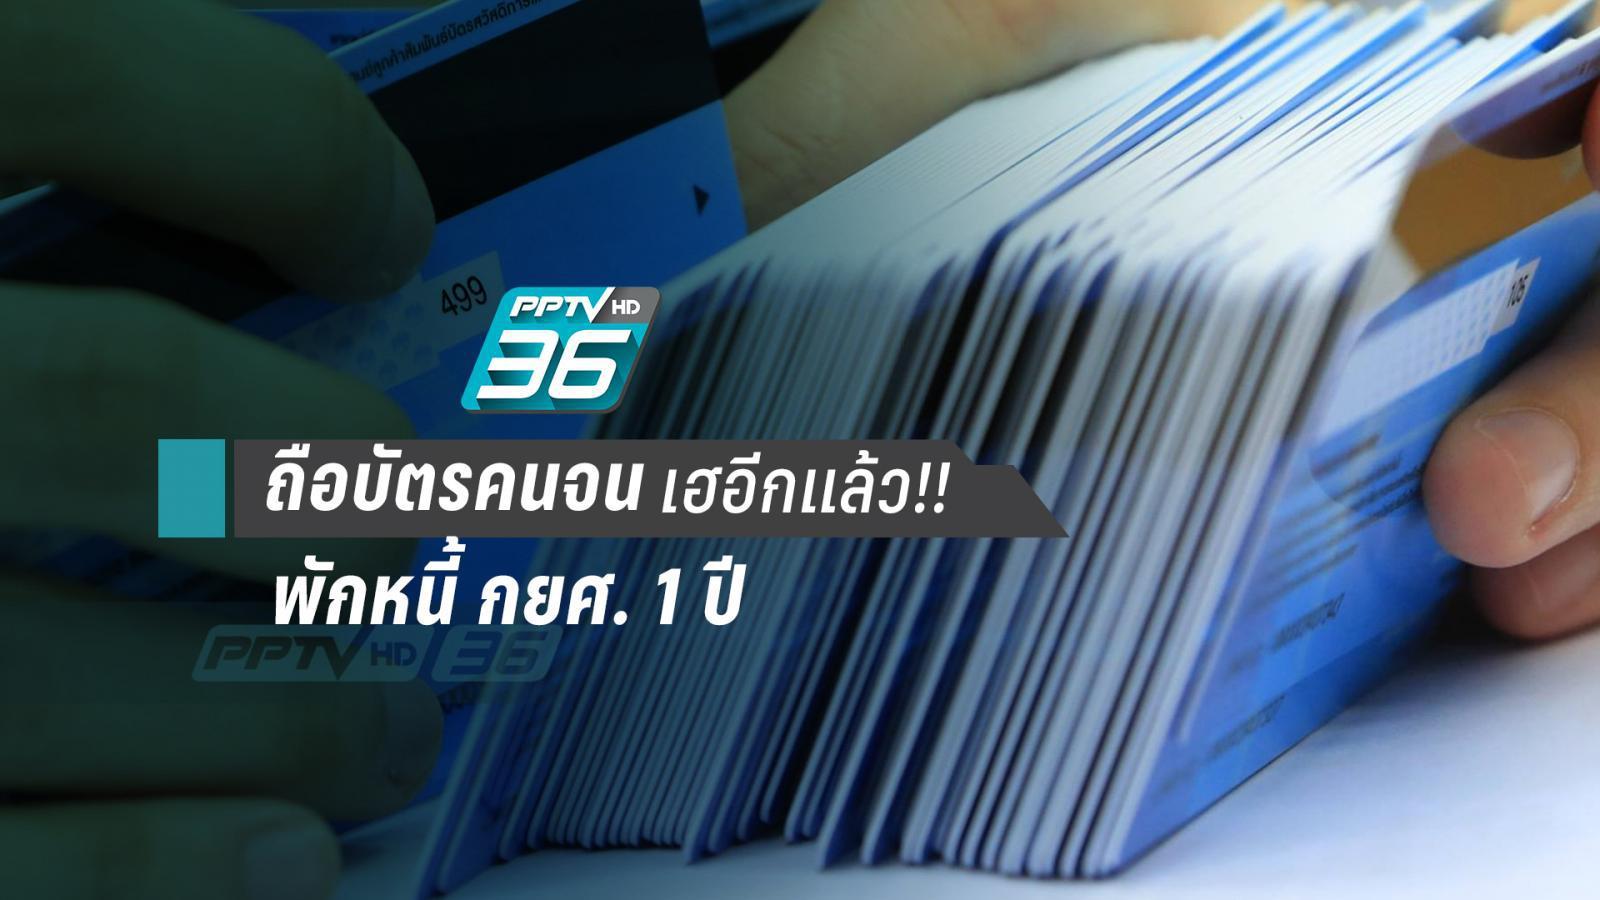 ถือบัตรคนจนเฮ!! พักหนี้ กยศ. 1 ปี